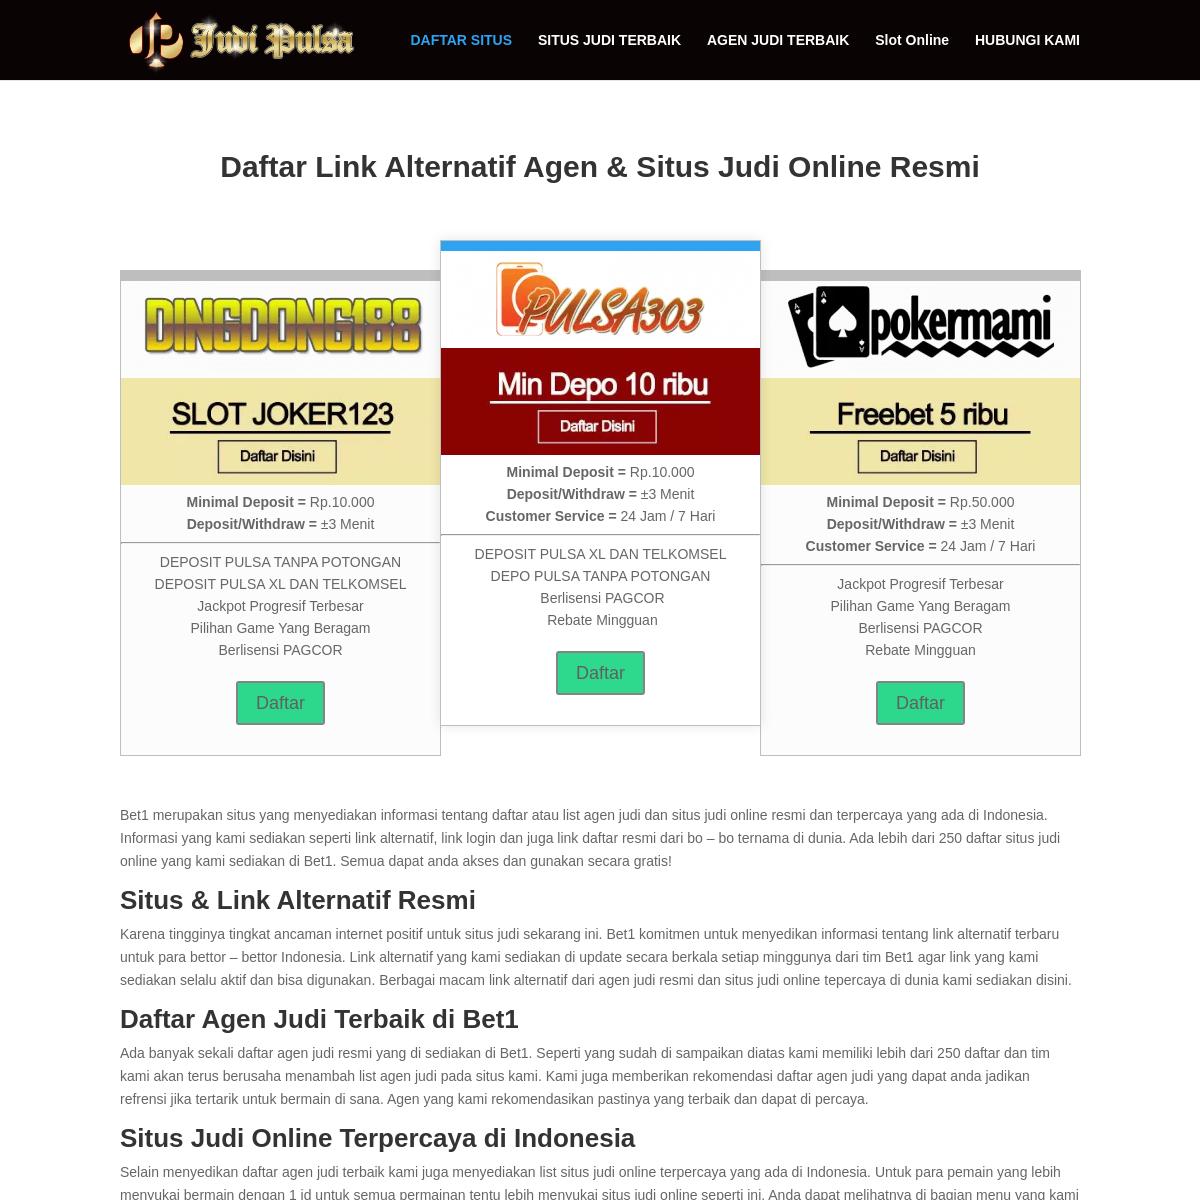 Daftar Situs Judi Online Di Indonesia Judi Slot Deposit Pulsa